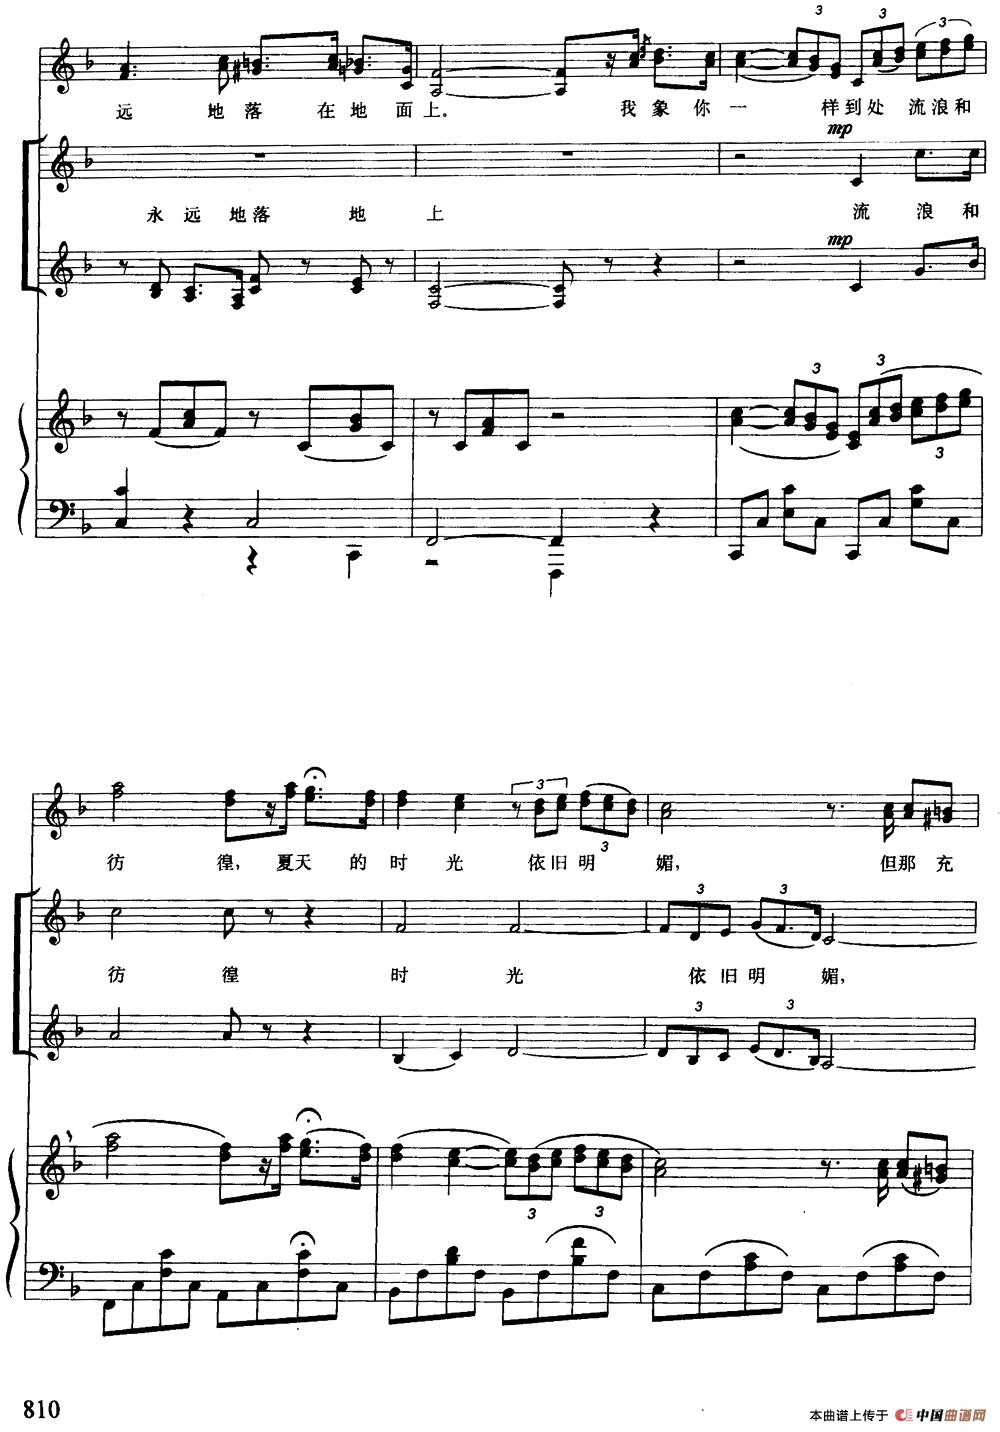 [墨西哥]燕子(女声合唱,正谱)